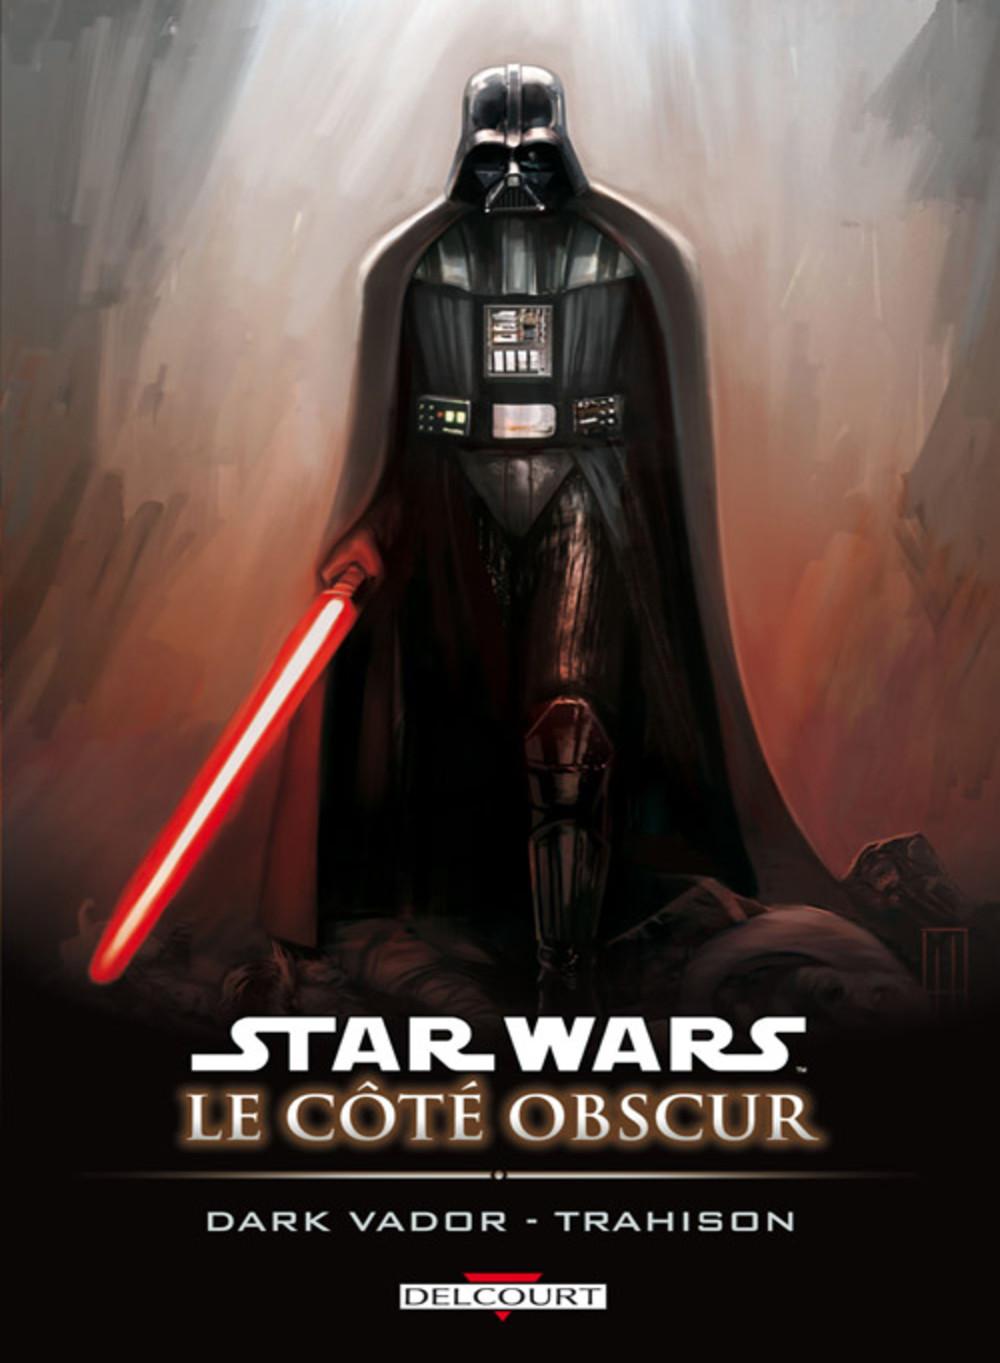 Dark_Vador_trahison_Star_Wars_Le_Cote_obscur_tome_11